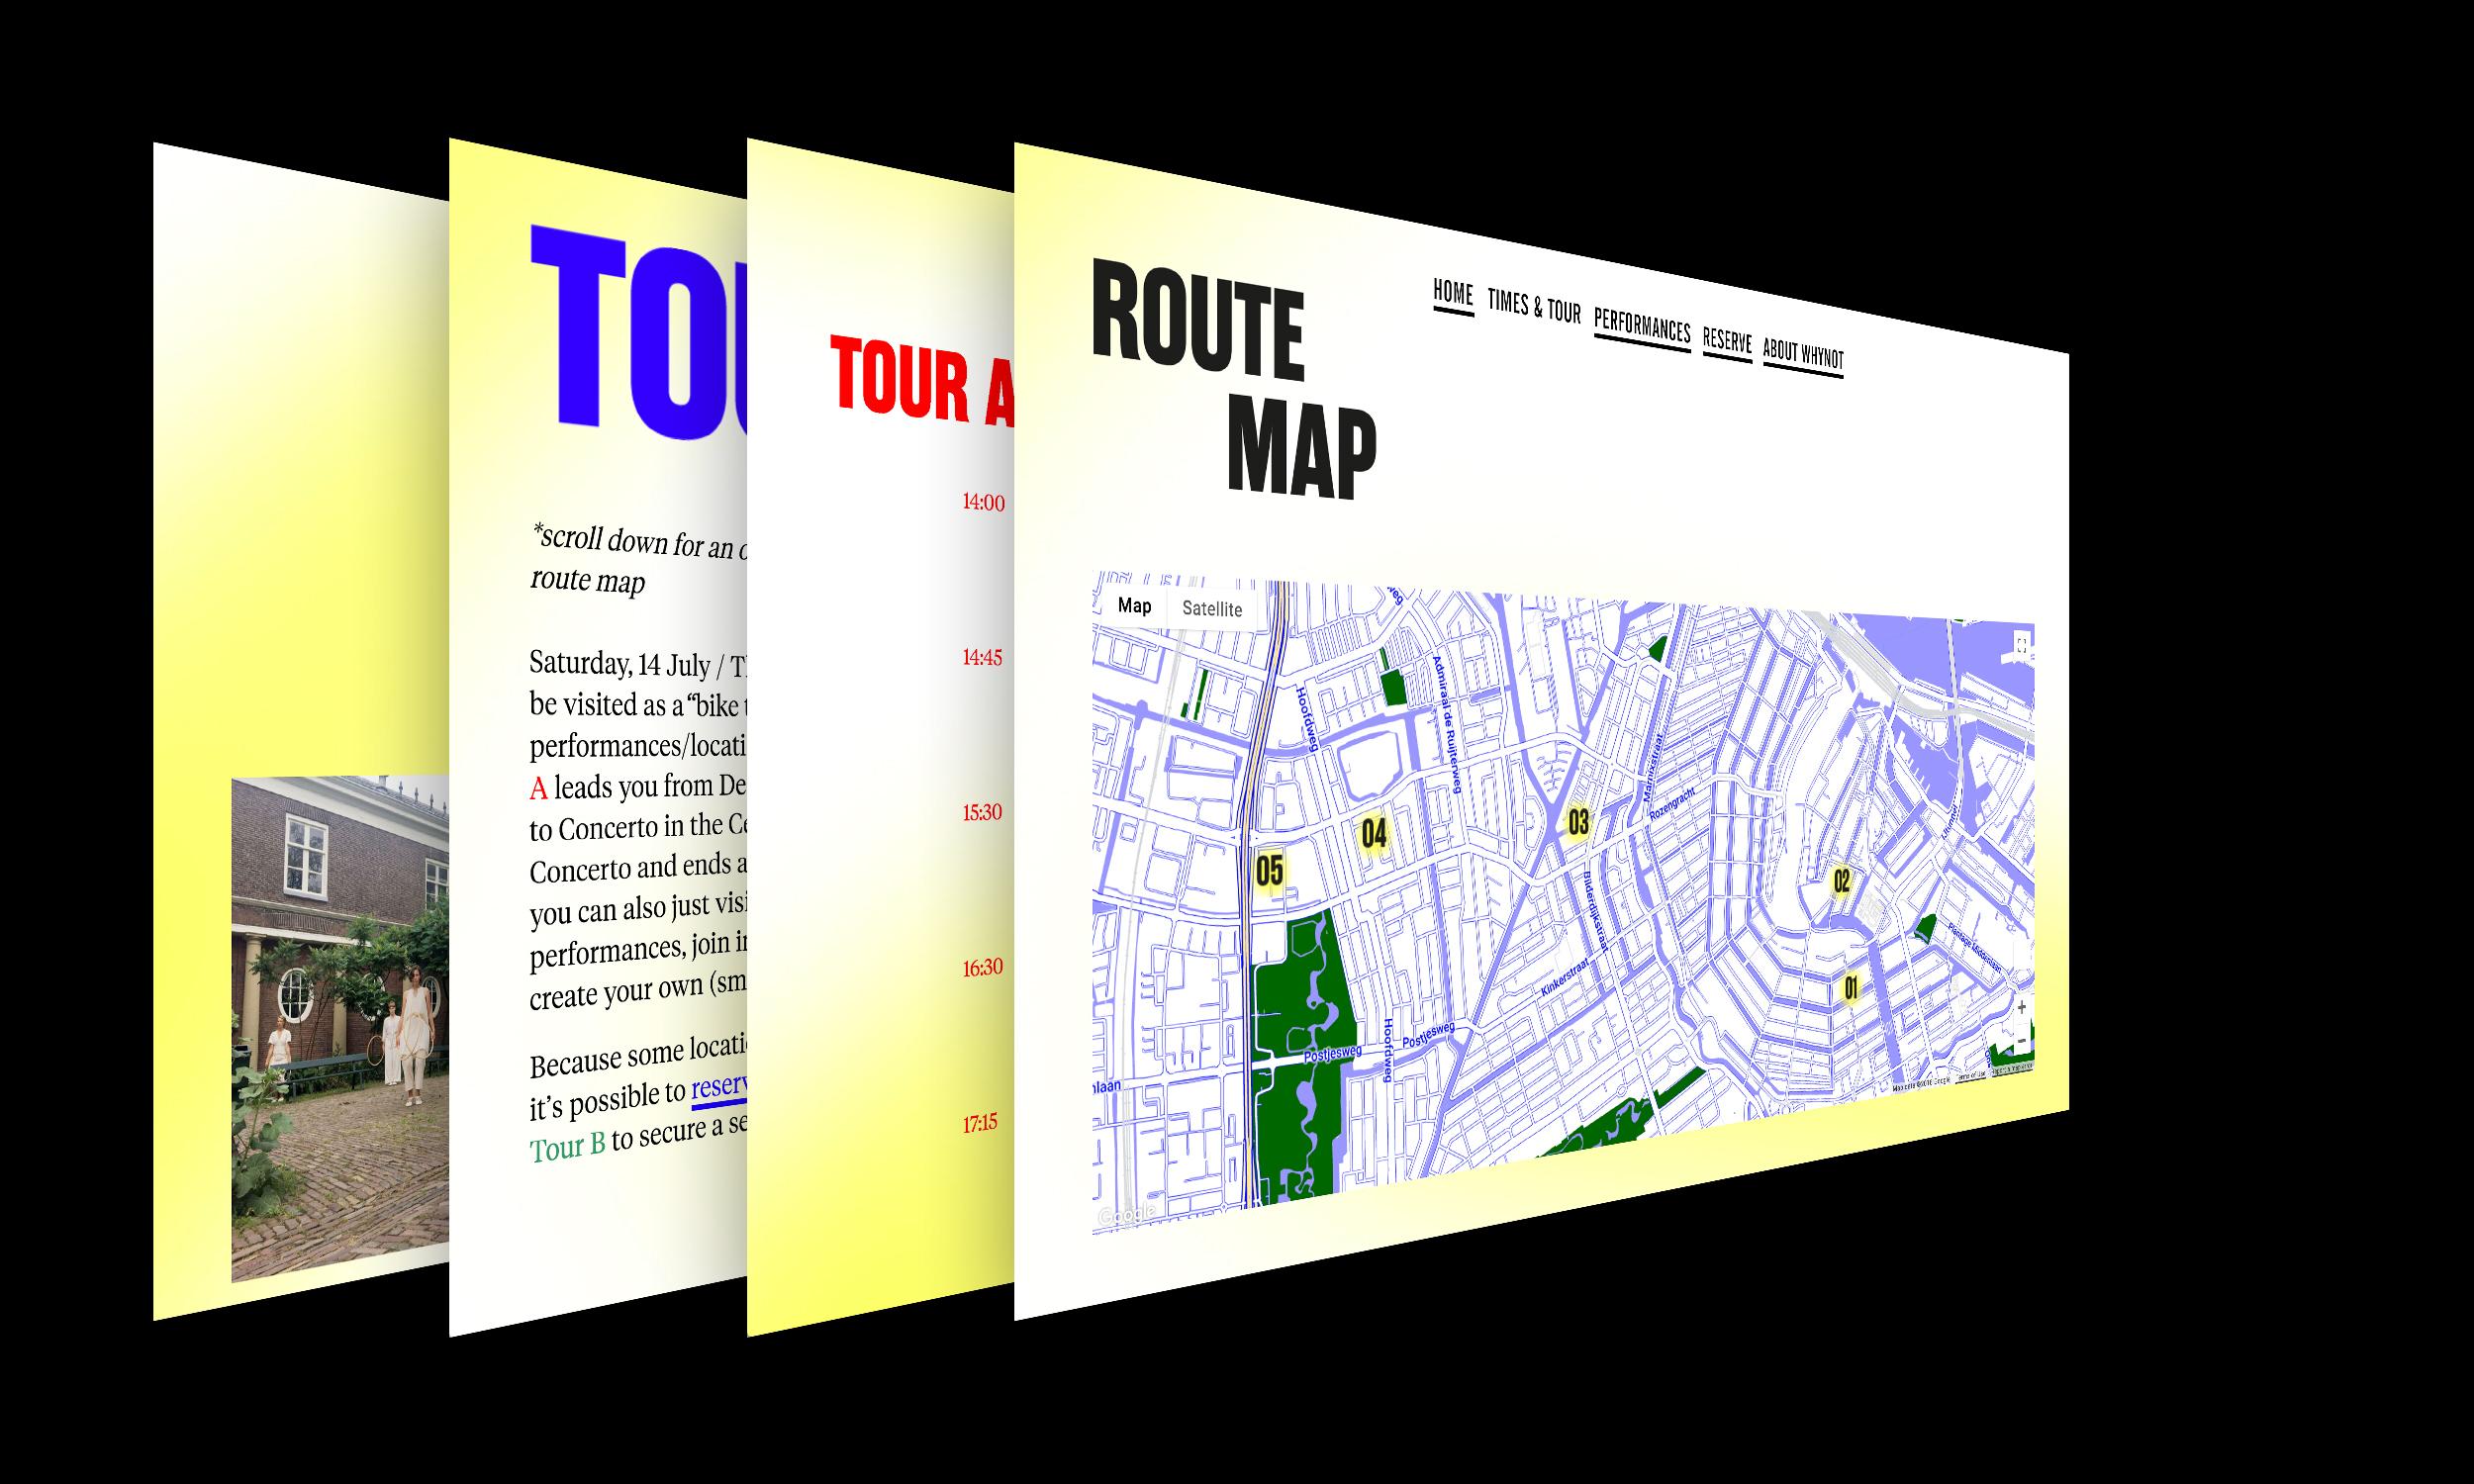 offvenue-website-screens-4.jpg